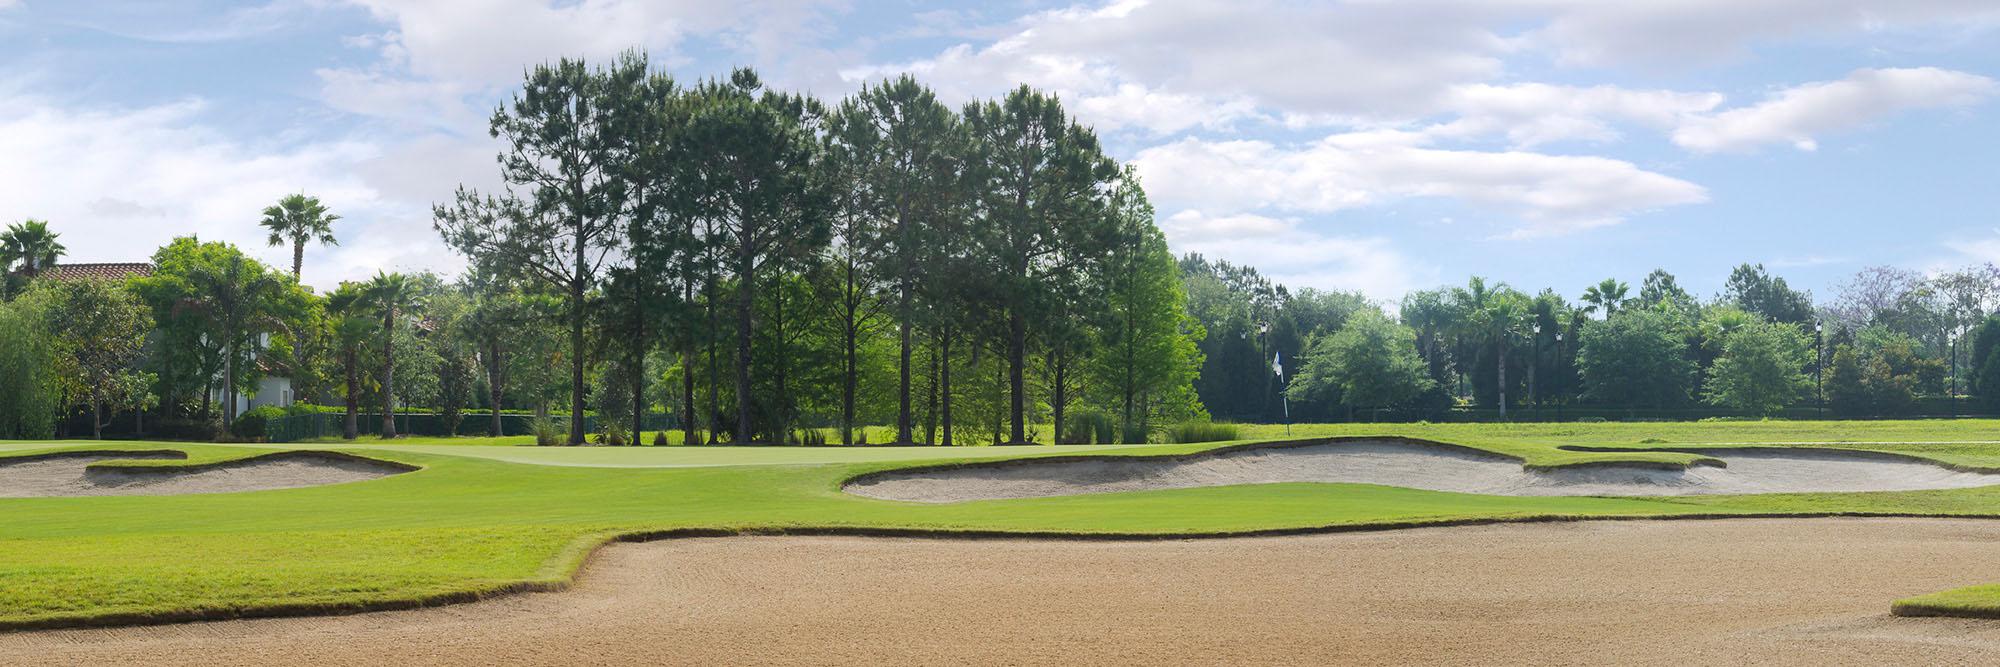 Golf Course Image - Ritz-Carlton Orlando No. 4